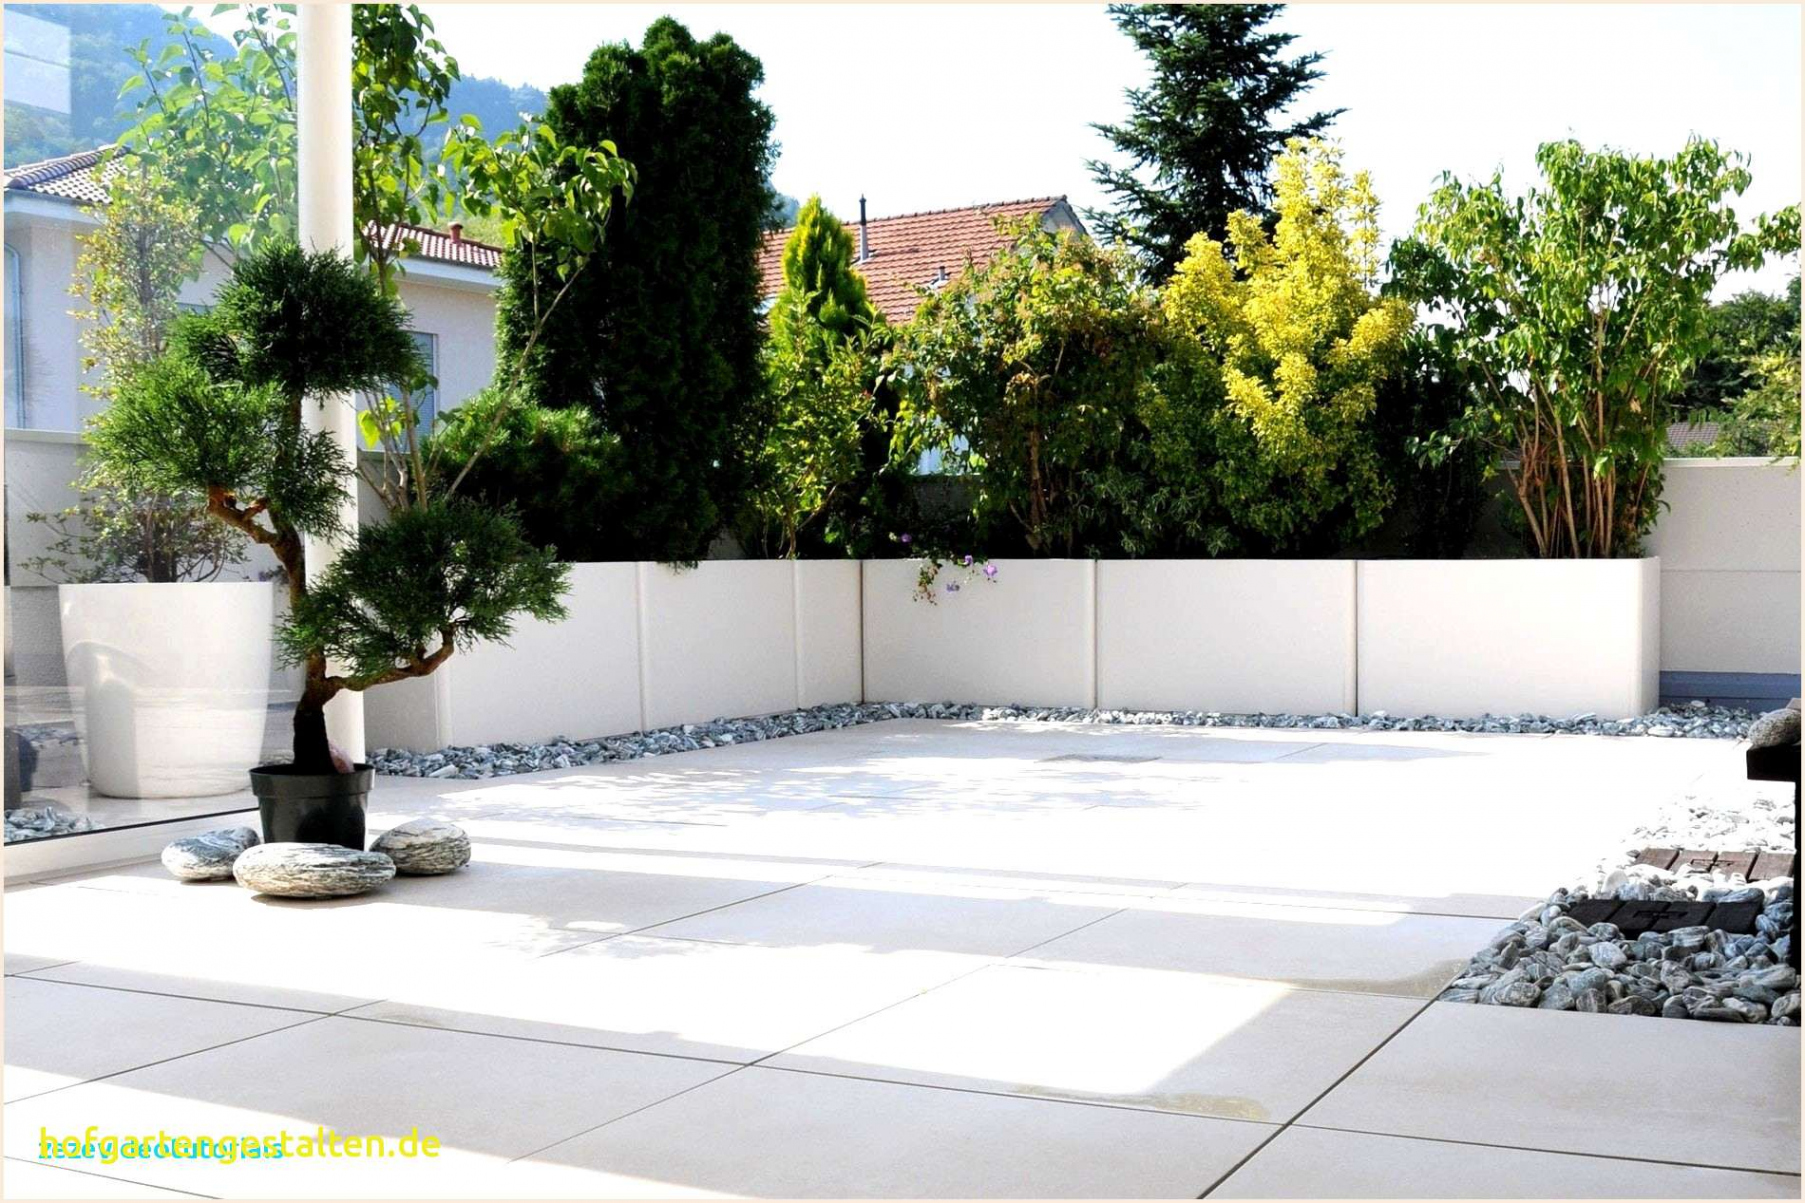 25 luxus deko fur balkon und terrasse reizend deko fur ecken deko fur ecken